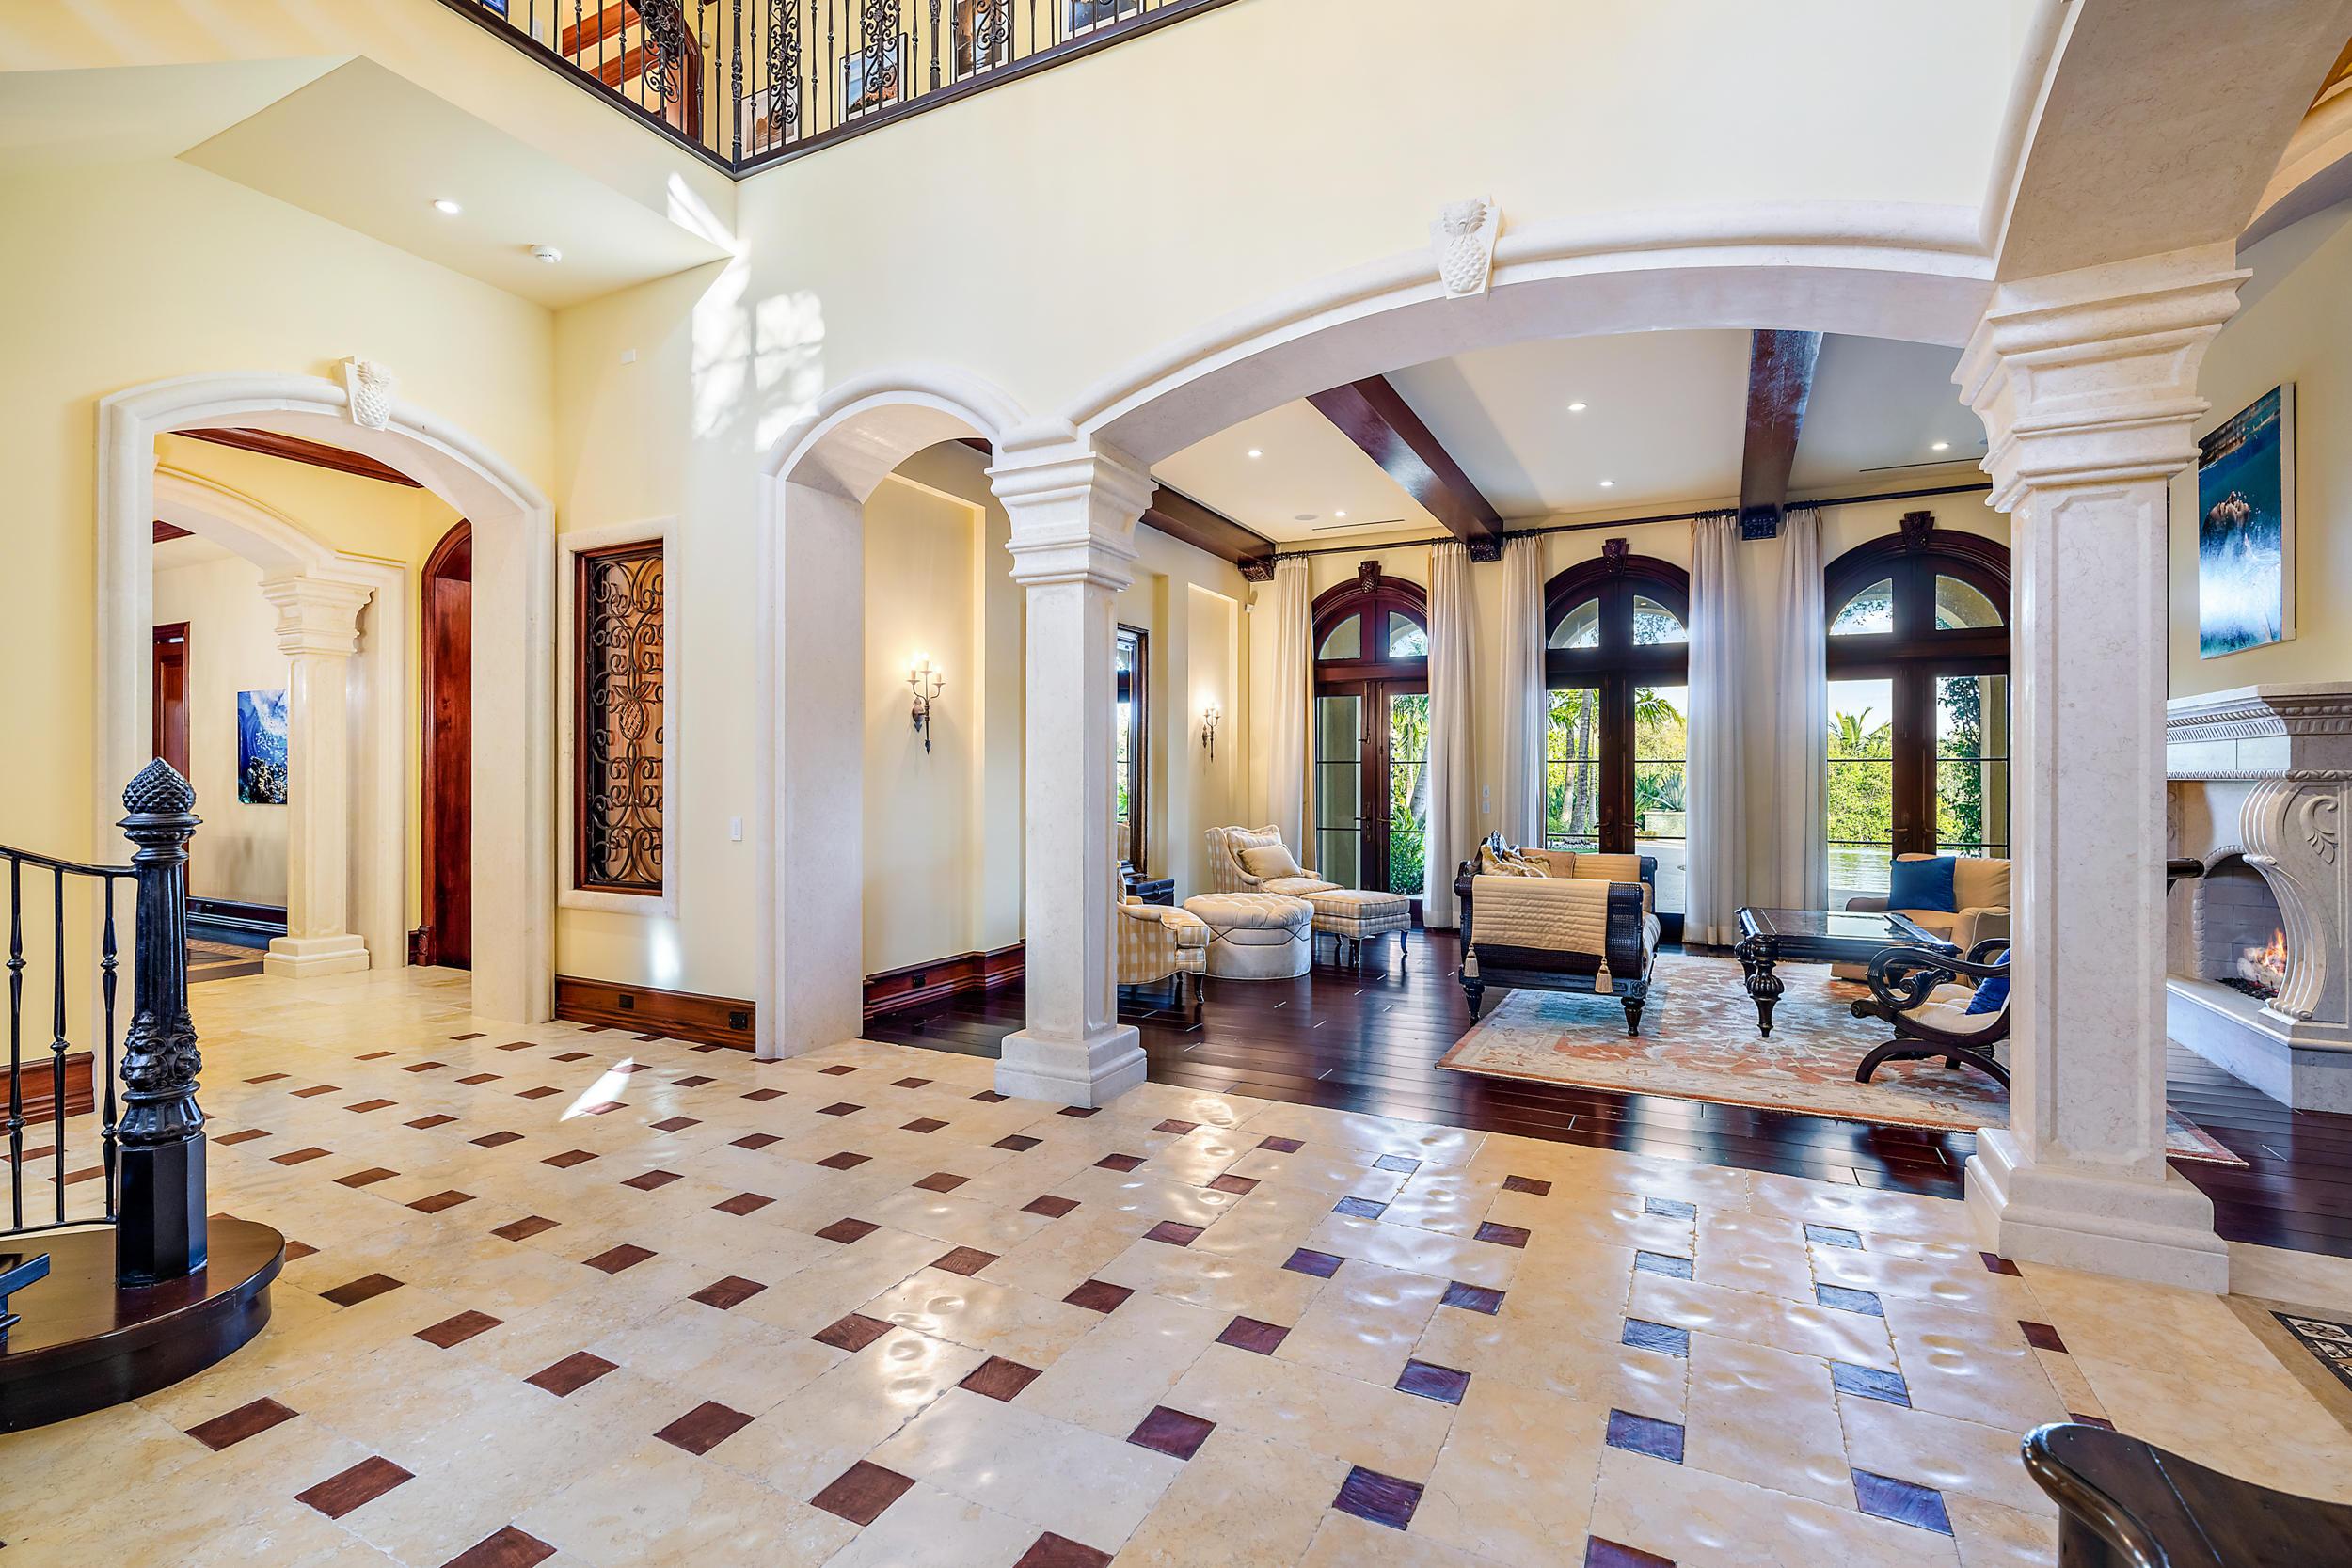 Foyer - Living Room